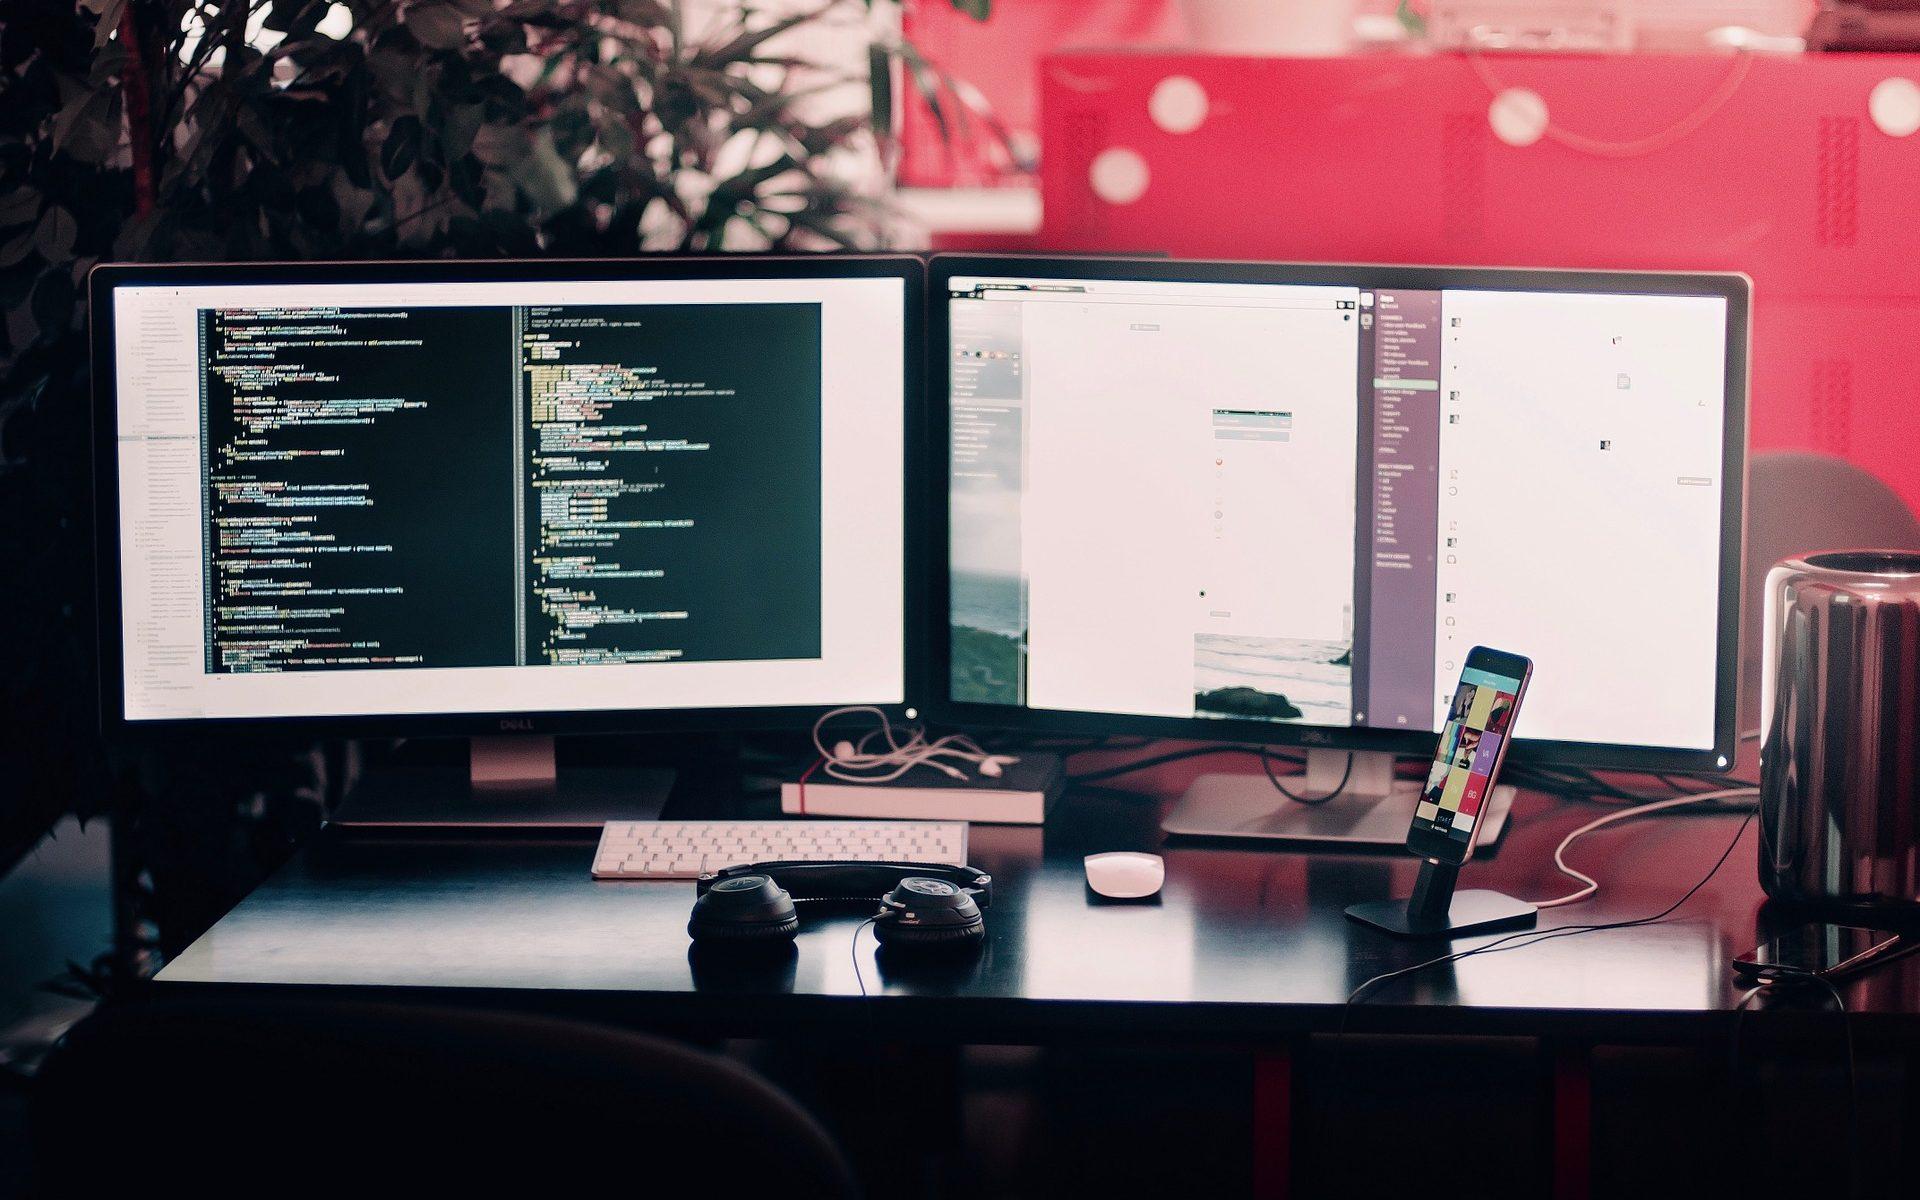 kompjuter-monitori-programerska-kancelarija